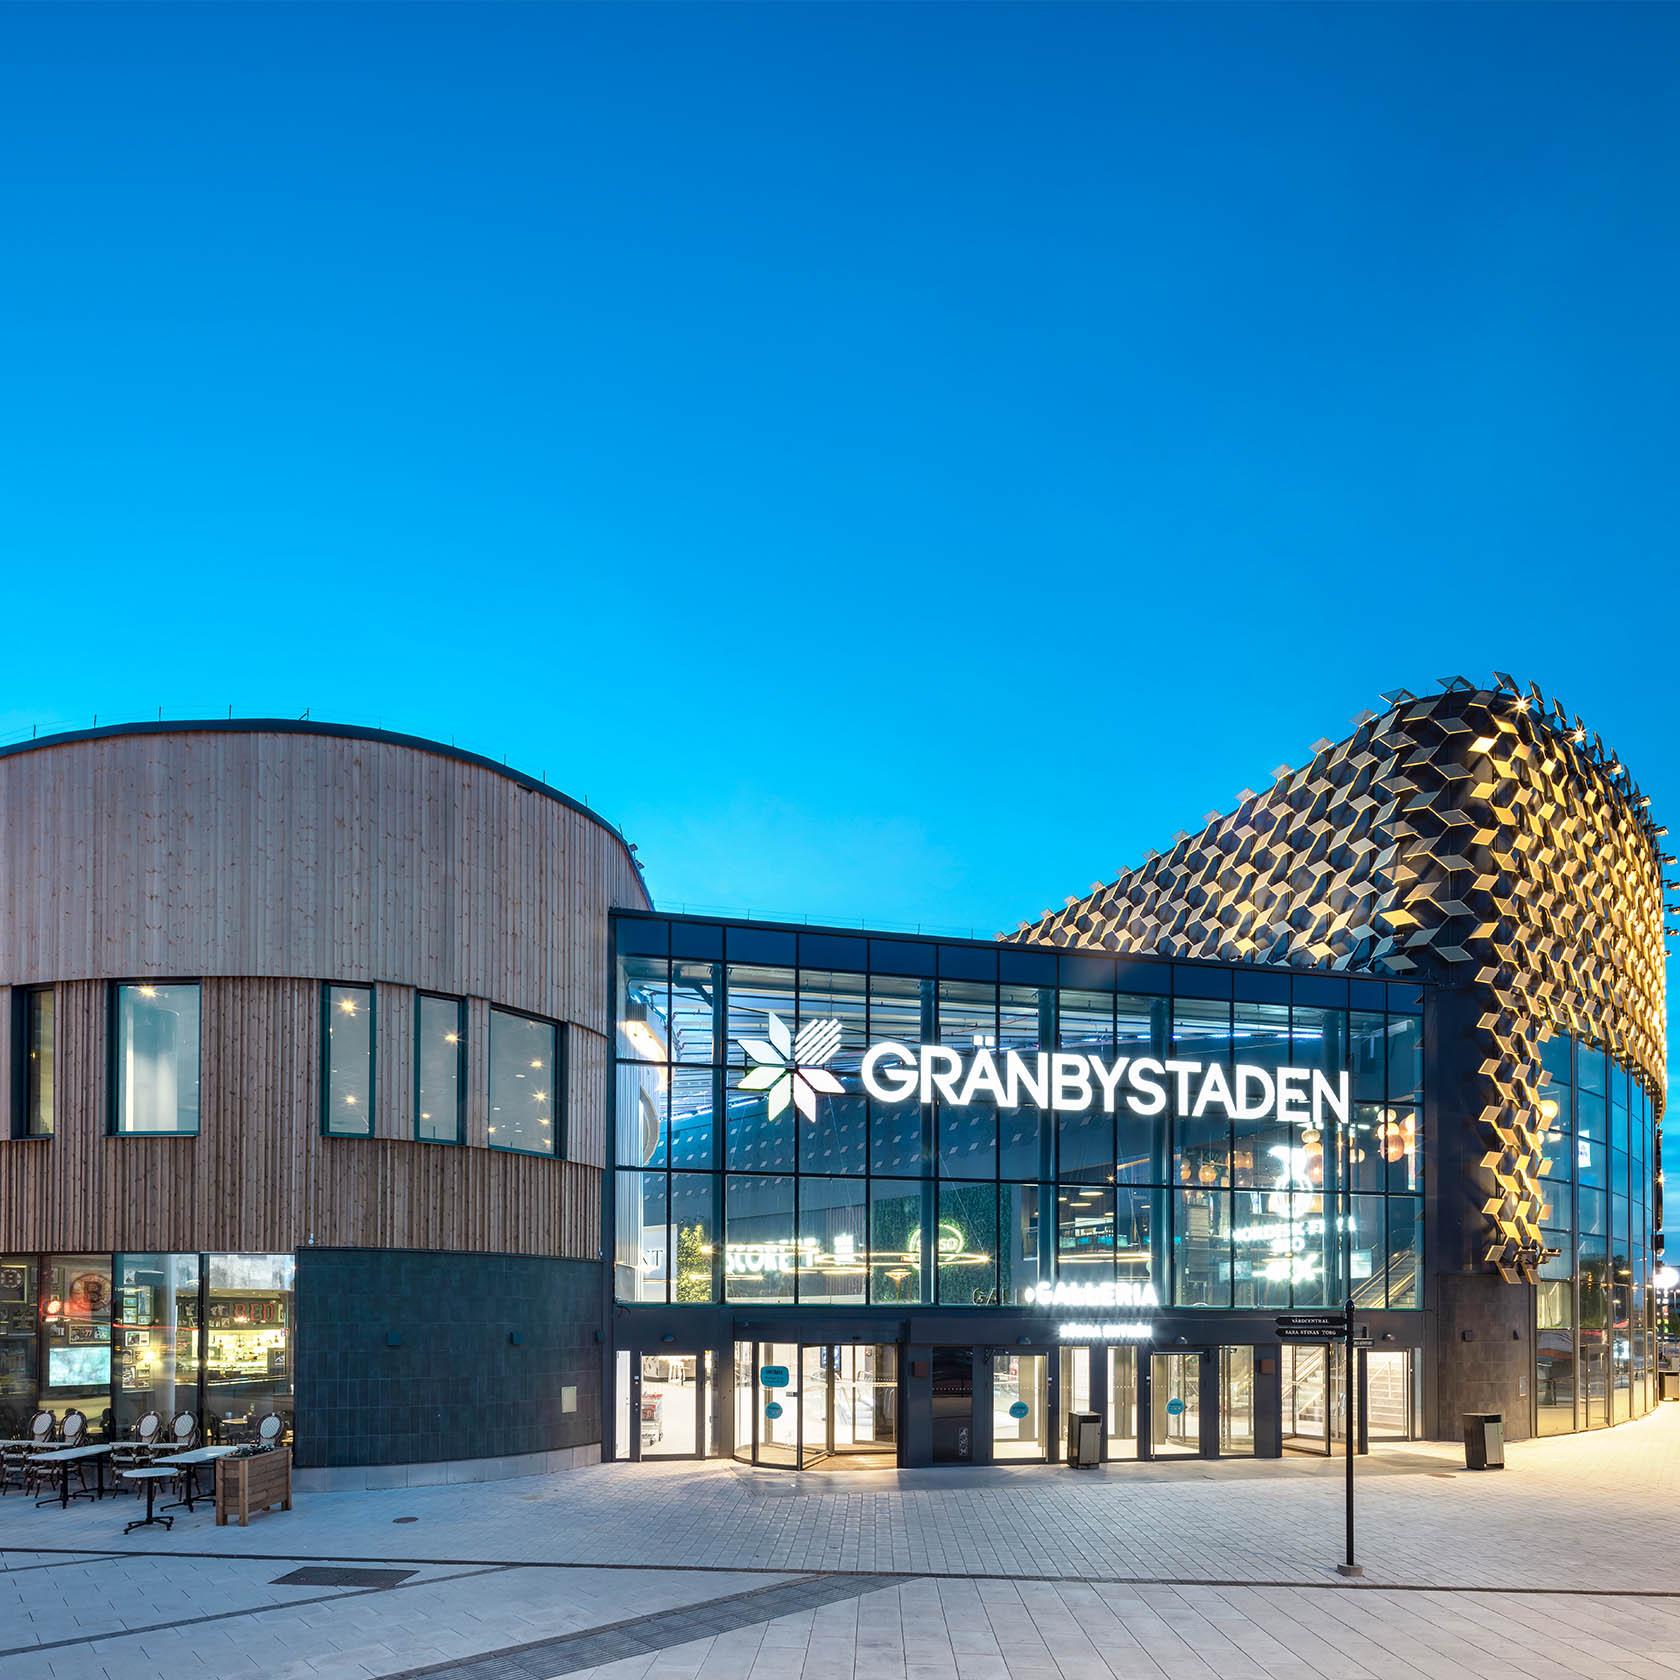 Bild utanför Gränby centrums ingång